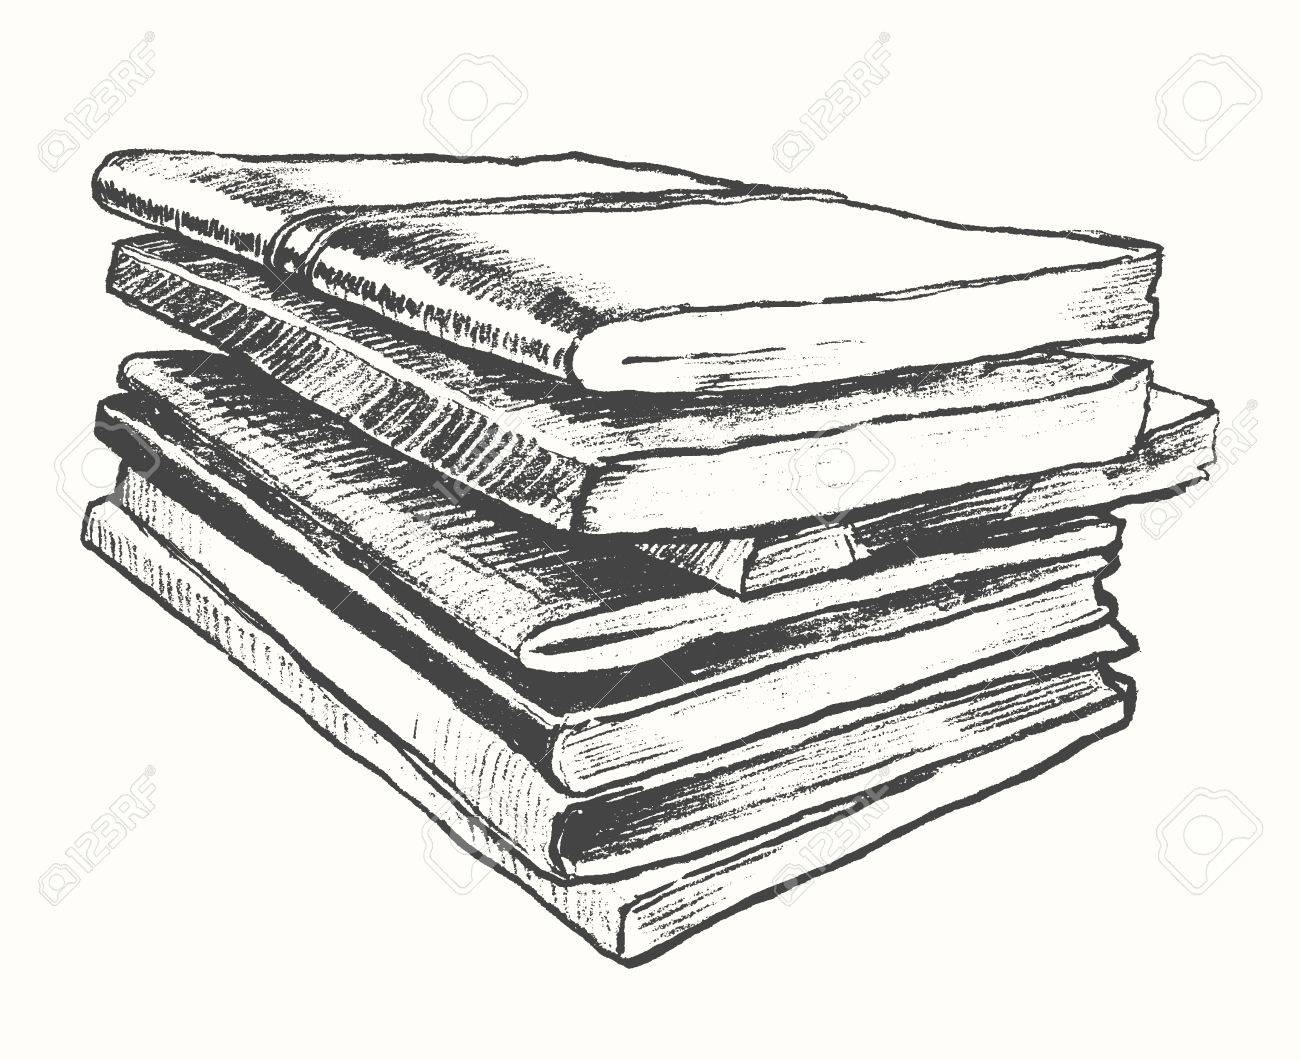 Bücherstapel gezeichnet  Stapel Der Alten Bücher Vintage Hand Gezeichnet Vektor-Illustration ...